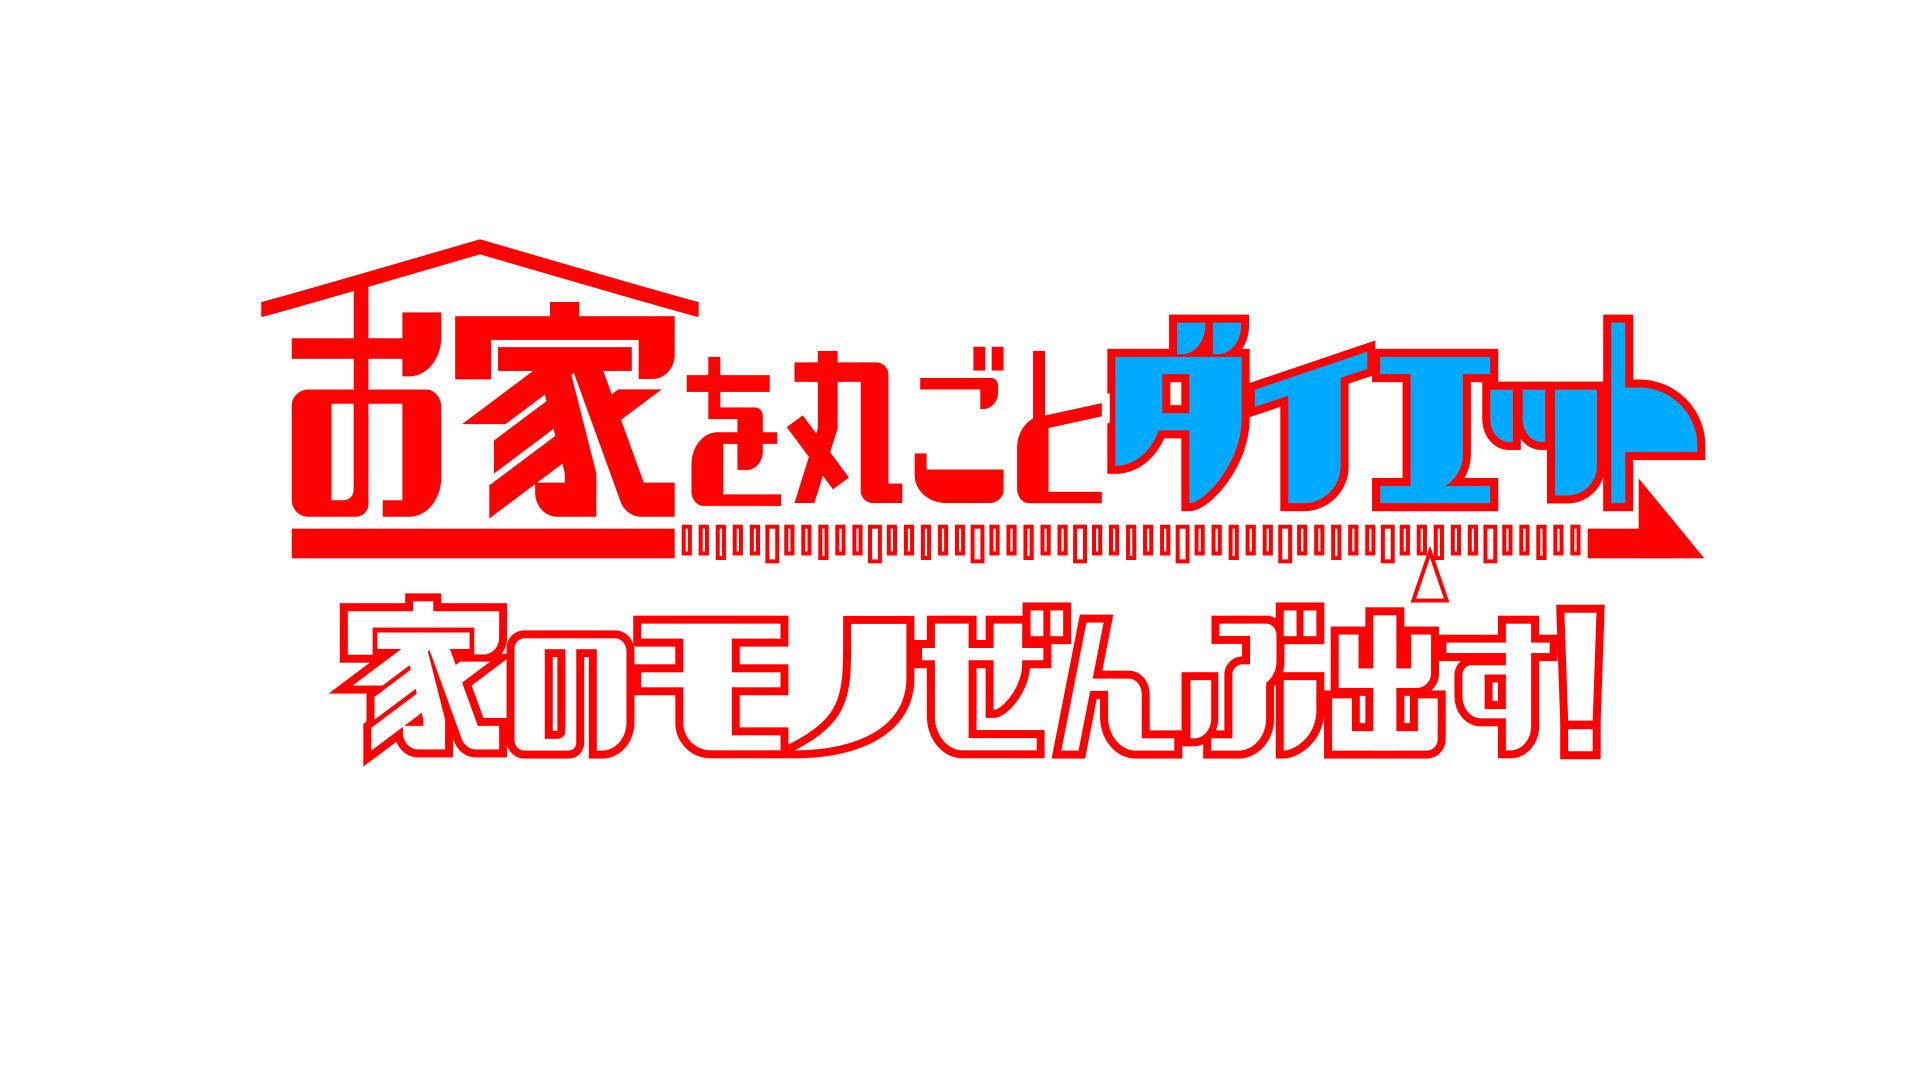 お家を丸ごとダイエット~家のモノぜんぶ出す!~